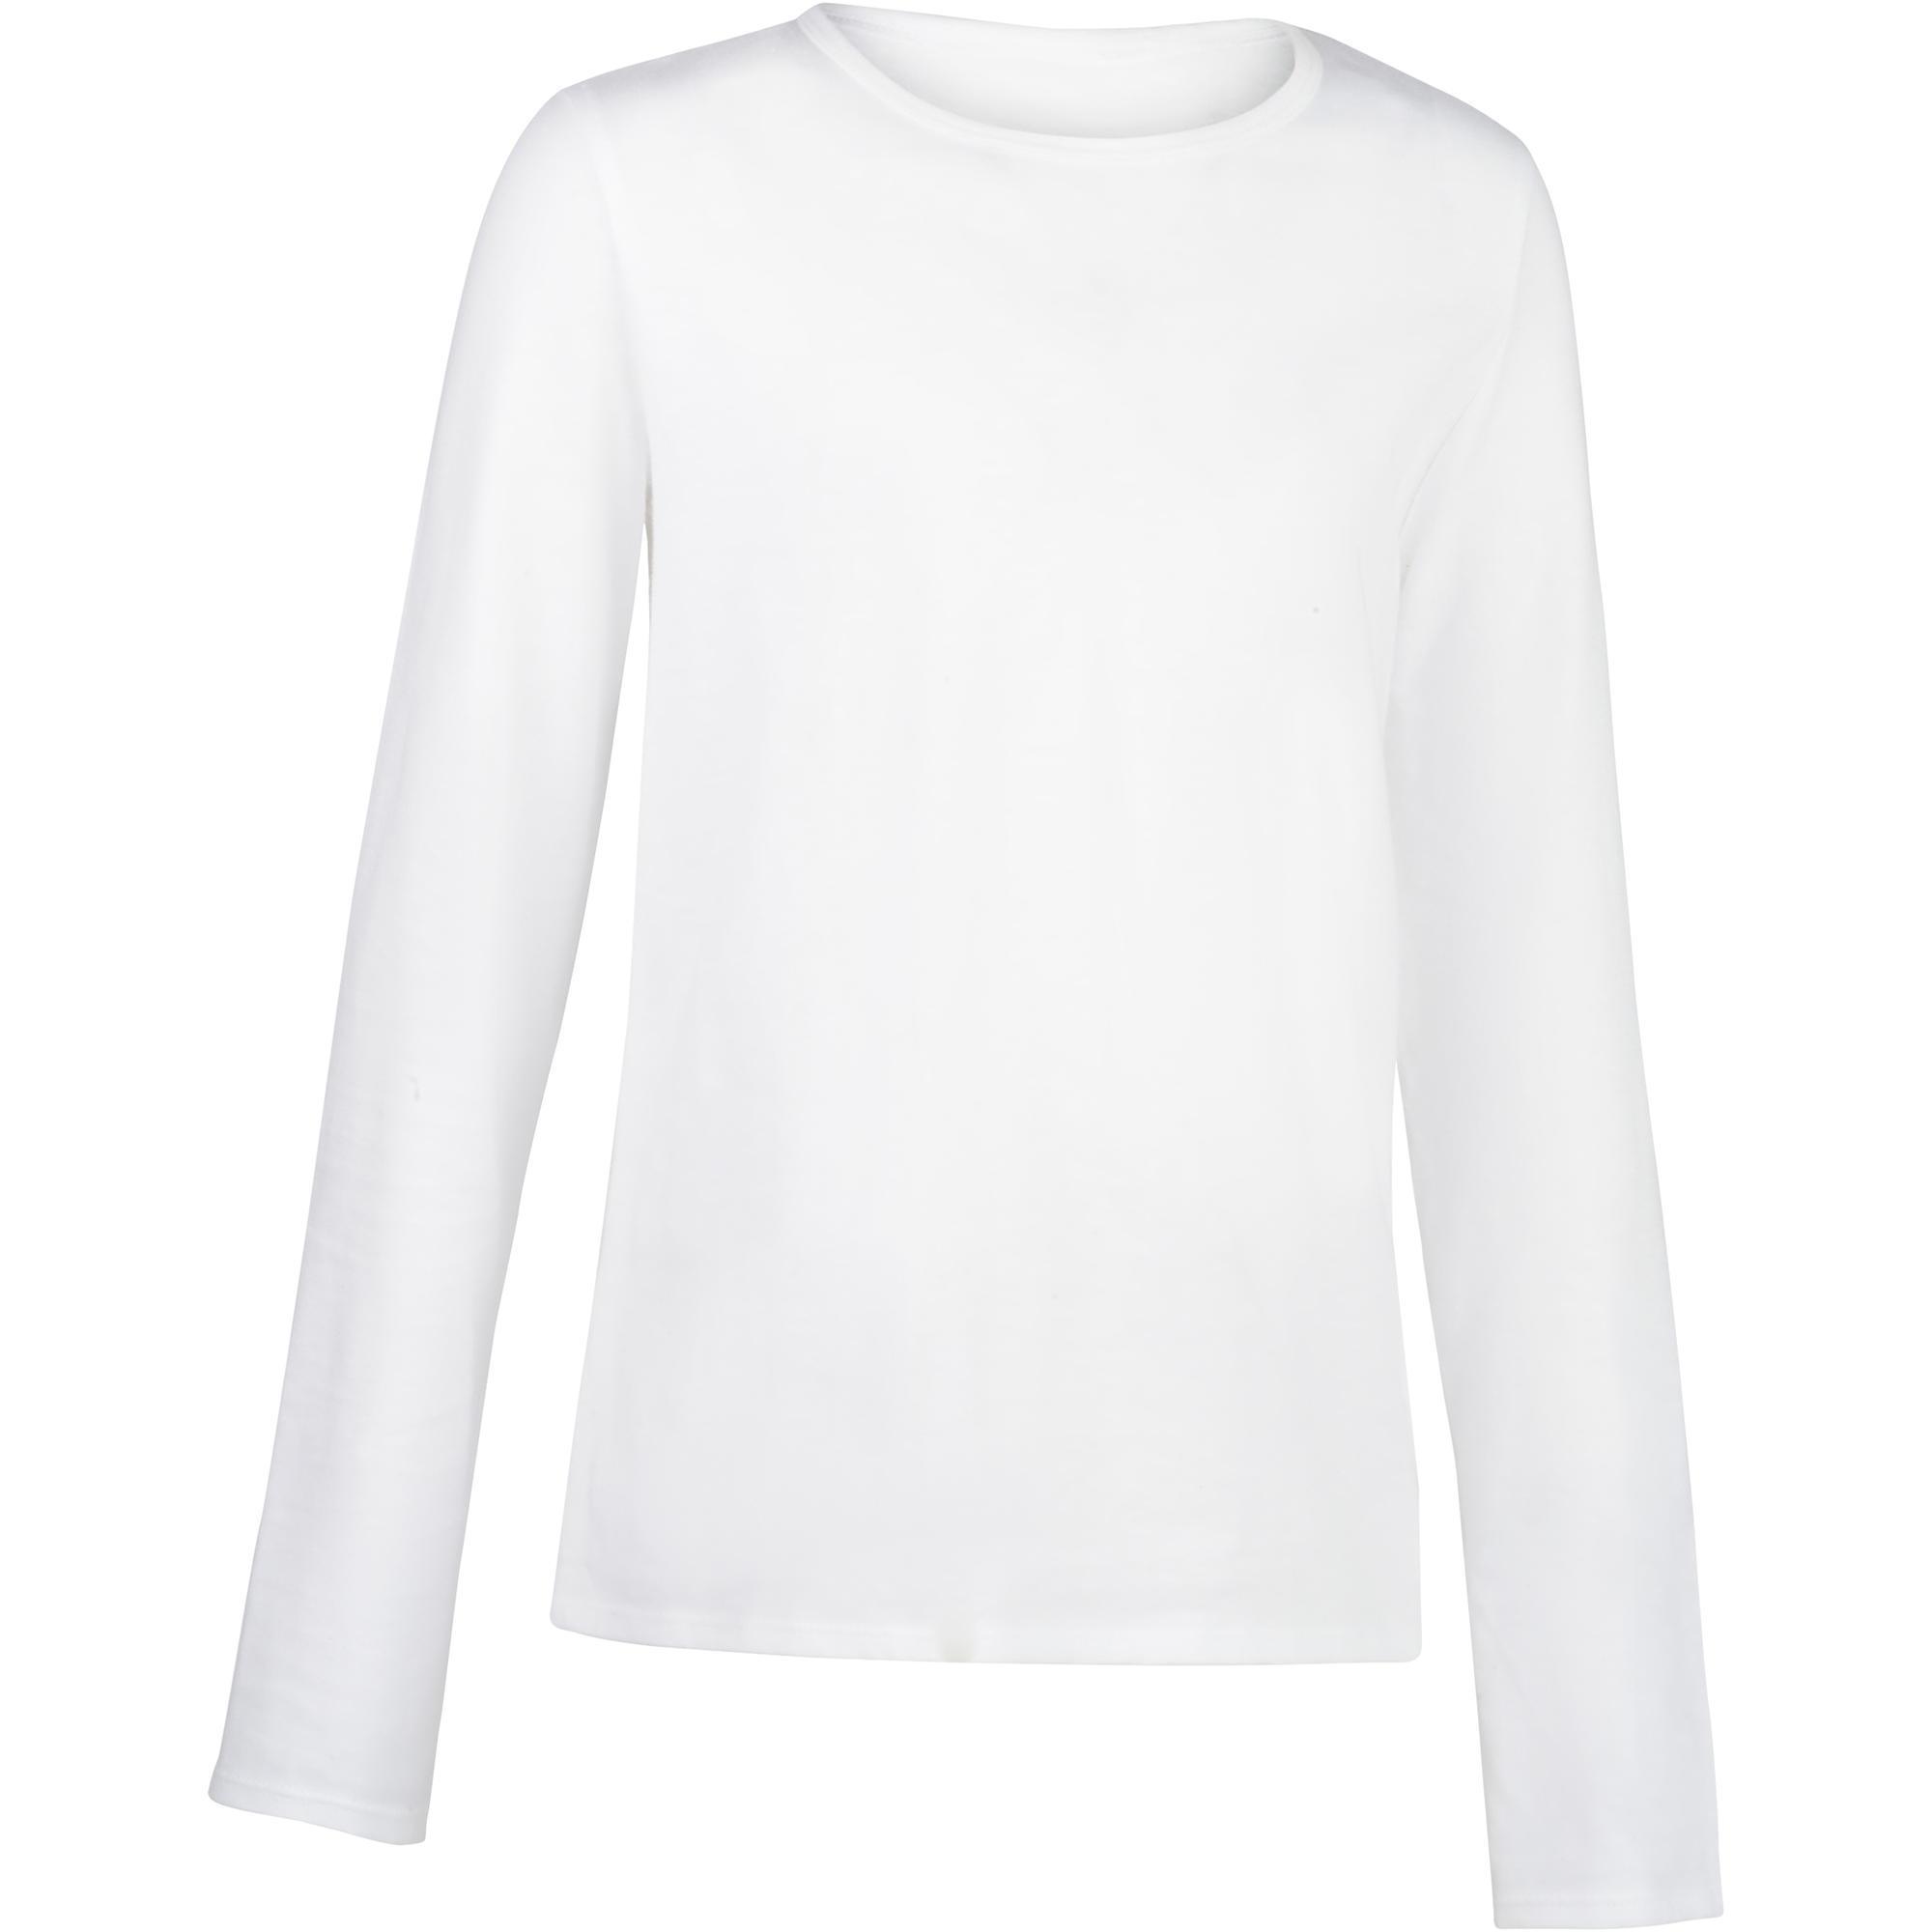 Domyos Gym T-shirt met lange mouwen 100 voor meisjes wit